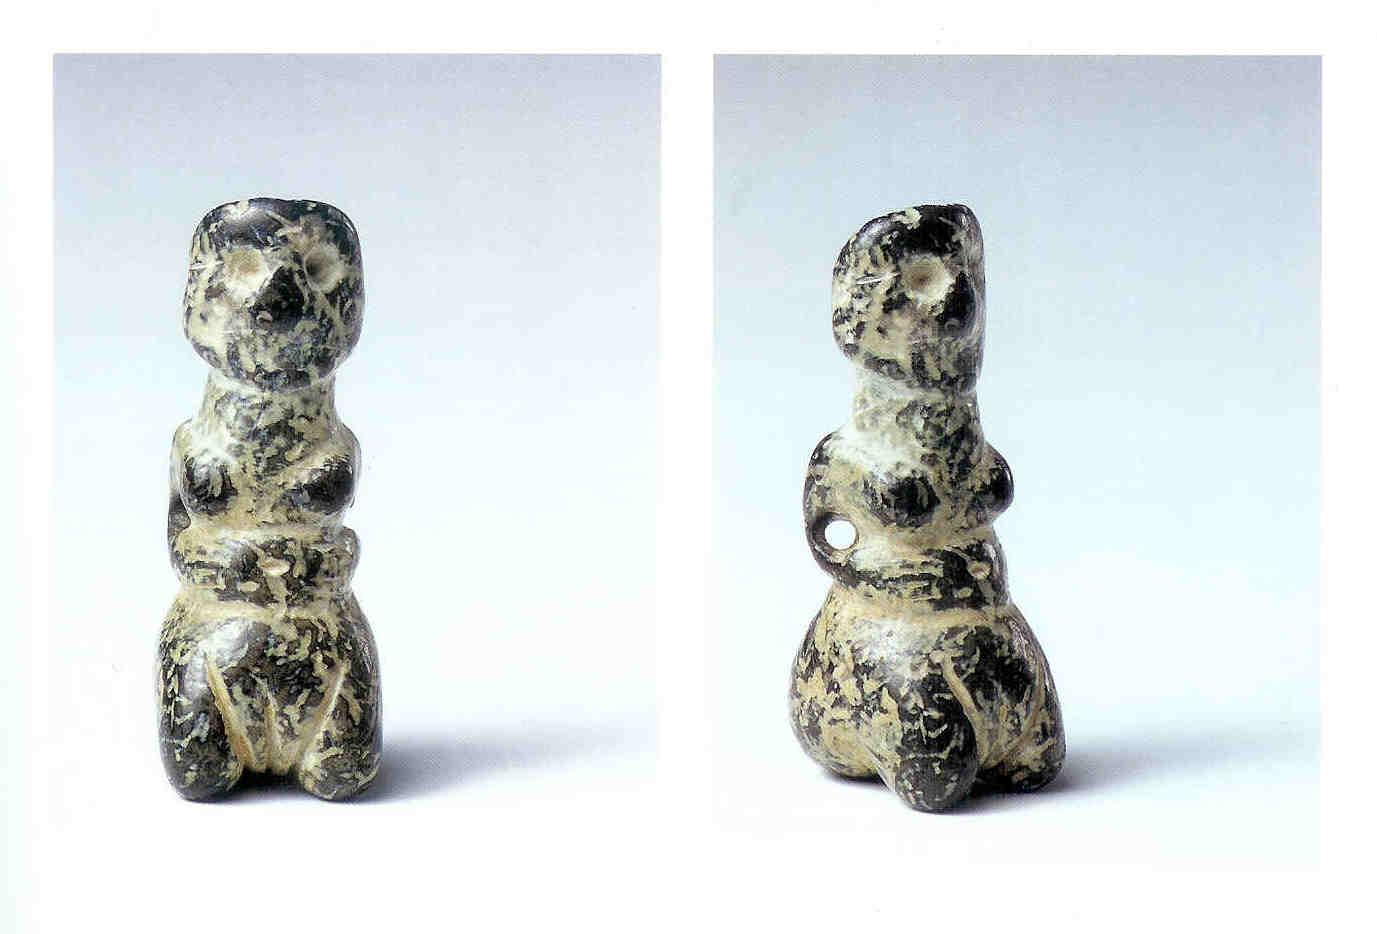 Hurkende vrouwelijke figurine. Cyprus. 5 cm 3900-2500 v. Chr.  Het beeldje voert ons naar lang vervlogen tijden op Cyprus uit 3900-2400 v. Chr. Je ziet een piepklein vrouwelijk 'figuurtje' van 5 cm op haar hurken of knieën licht achterover leunen. Ze houdt de handen op de gezwollen buik. Mogelijk is zij aan het bevallen. Het onderlichaam is vol. De vulva is duidelijk aangegeven in de vorm van een driehoek met schaamspleet. Ze heeft gaten bij de ellebogen alsof ze ergens aangehangen is. Op een forse nek draagt ze een groot hoofd waarin de ogen benadrukt worden. De achterkant van het beeld toont dat ze het haar in een staart draagt. De groep beeldjes waar dit beeldje deel van uitmaakt toont een lichte staetopgyie, dus een uitvergroot achterwerk. Er zijn andere beeldjes die dezelfde stompvormige beentjes tonen. Ze hebben een dubbele symbolische betekenis. Brede vrouwelijke heupen tonen daartussen de top van een penis. Het gaat hier om man-vrouwelijke vruchtbaarheid. Met dank aan de hulp en steun van Stella Lubsen-Admiraal, Ancient Cypriote Art. The Thanos N. Zintilis Collection. Museum of Cycladic Art. Athene, 2004, 23.